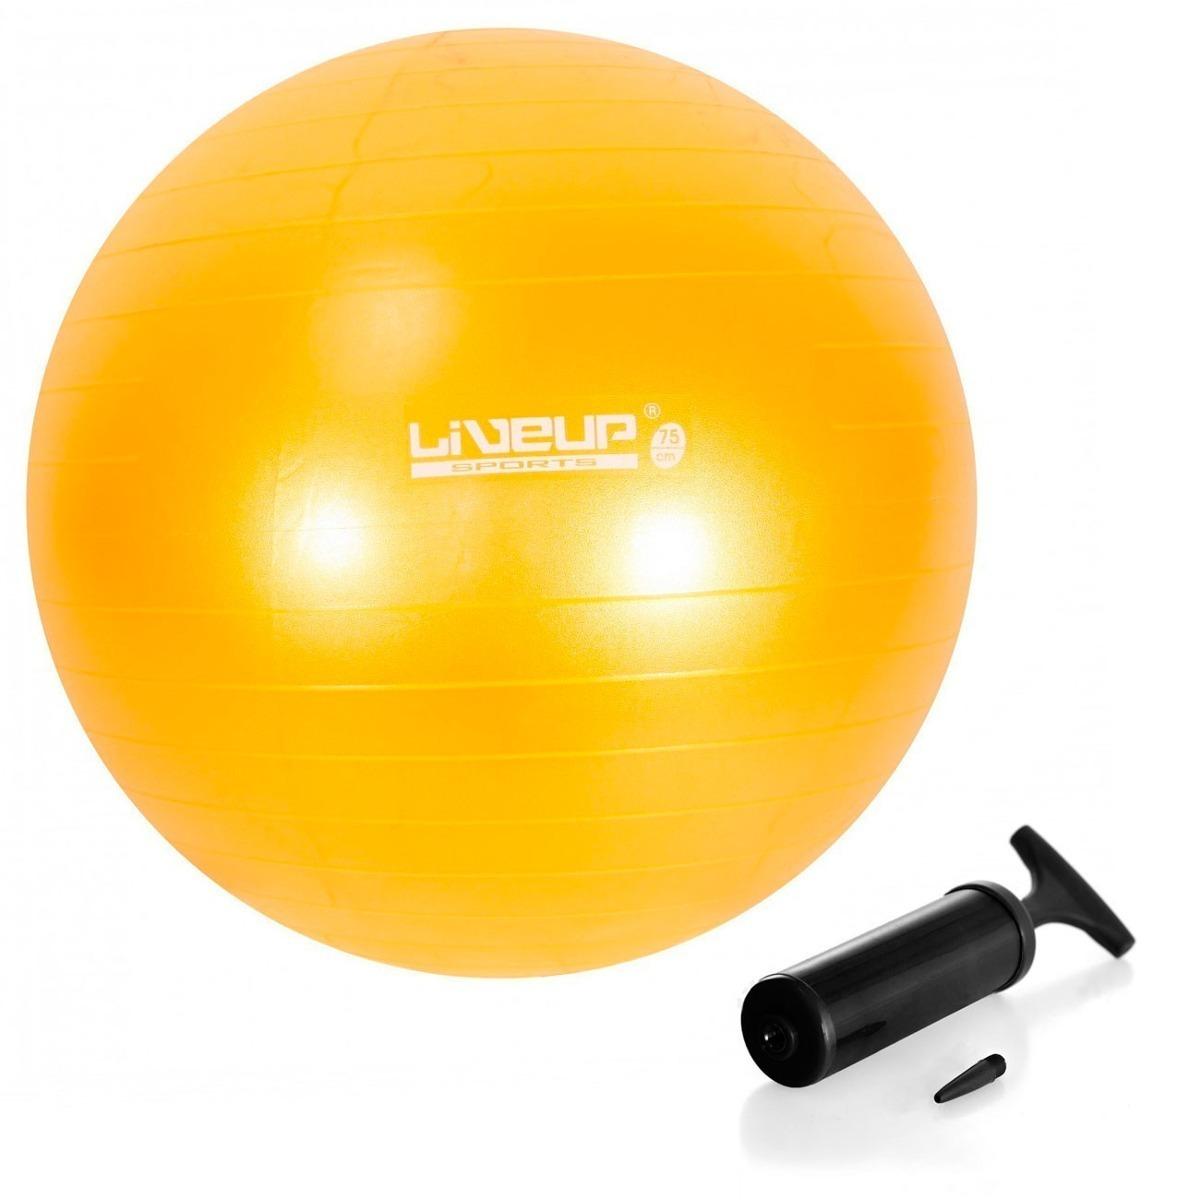 d8538cbc091ba Bola Suiça 75 Cm Premium C  Bomba Live Up Yoga Pilates - R  71